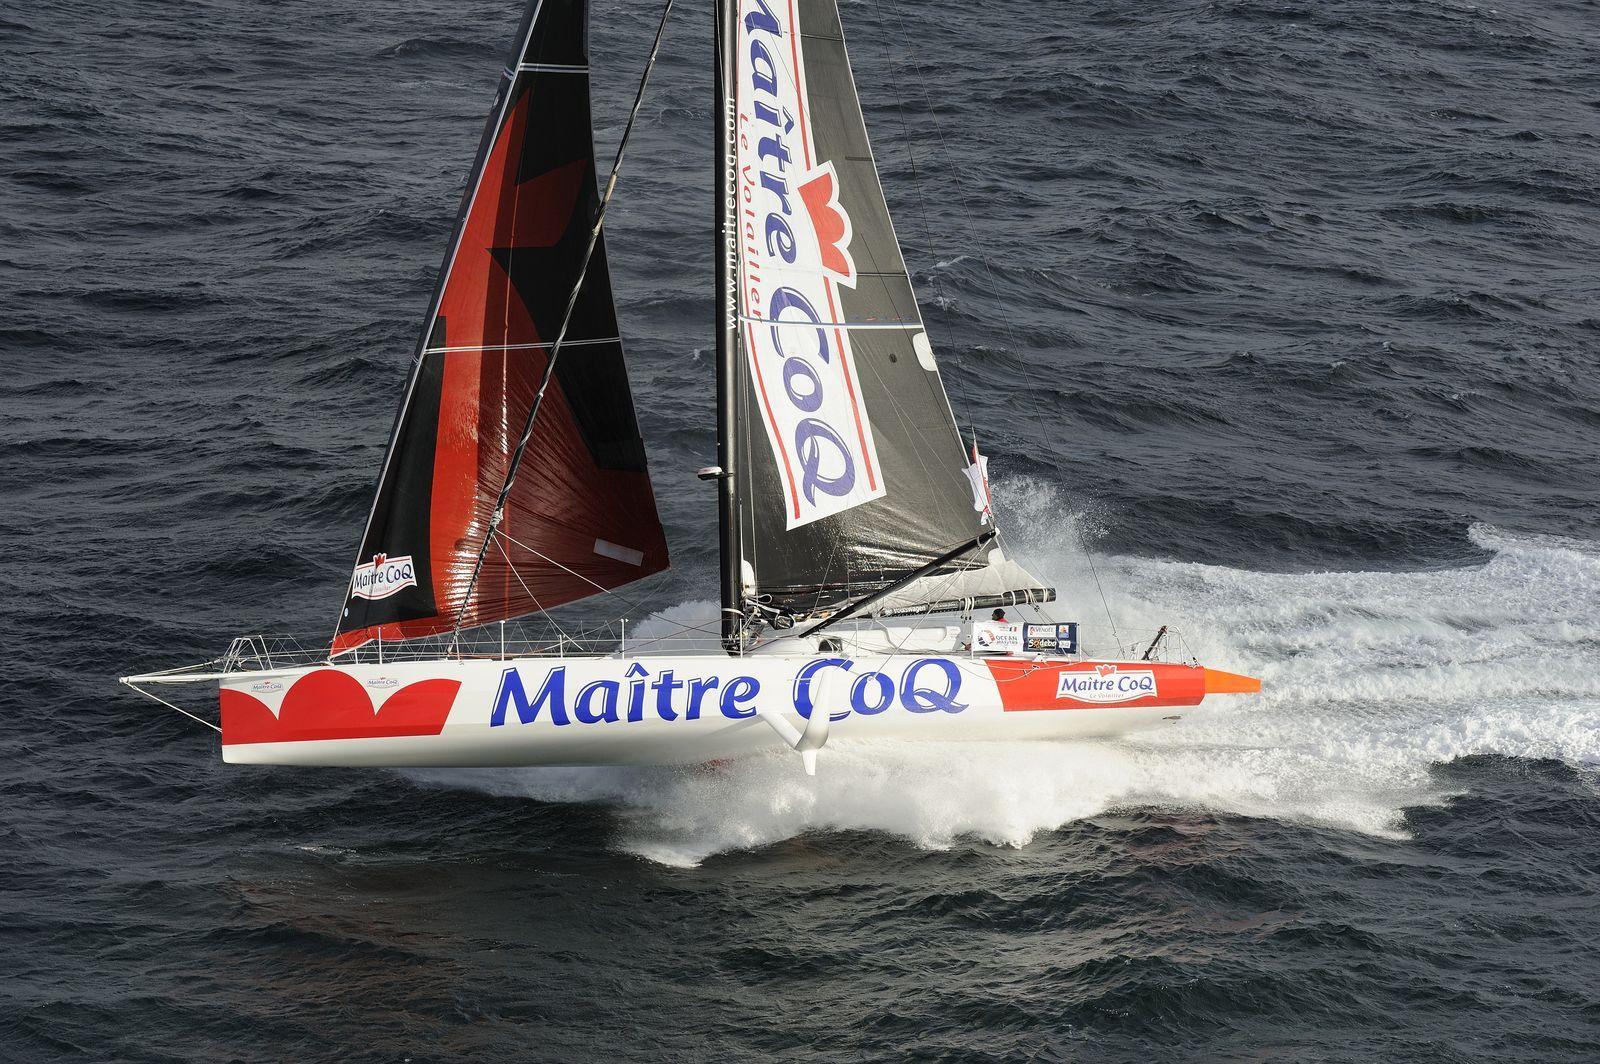 """Transat New-York Vendée 2016 - Maître CoQ - Jérémie Beyou : Message du bord : """"On prend la mesure de la taille de l'océan"""""""